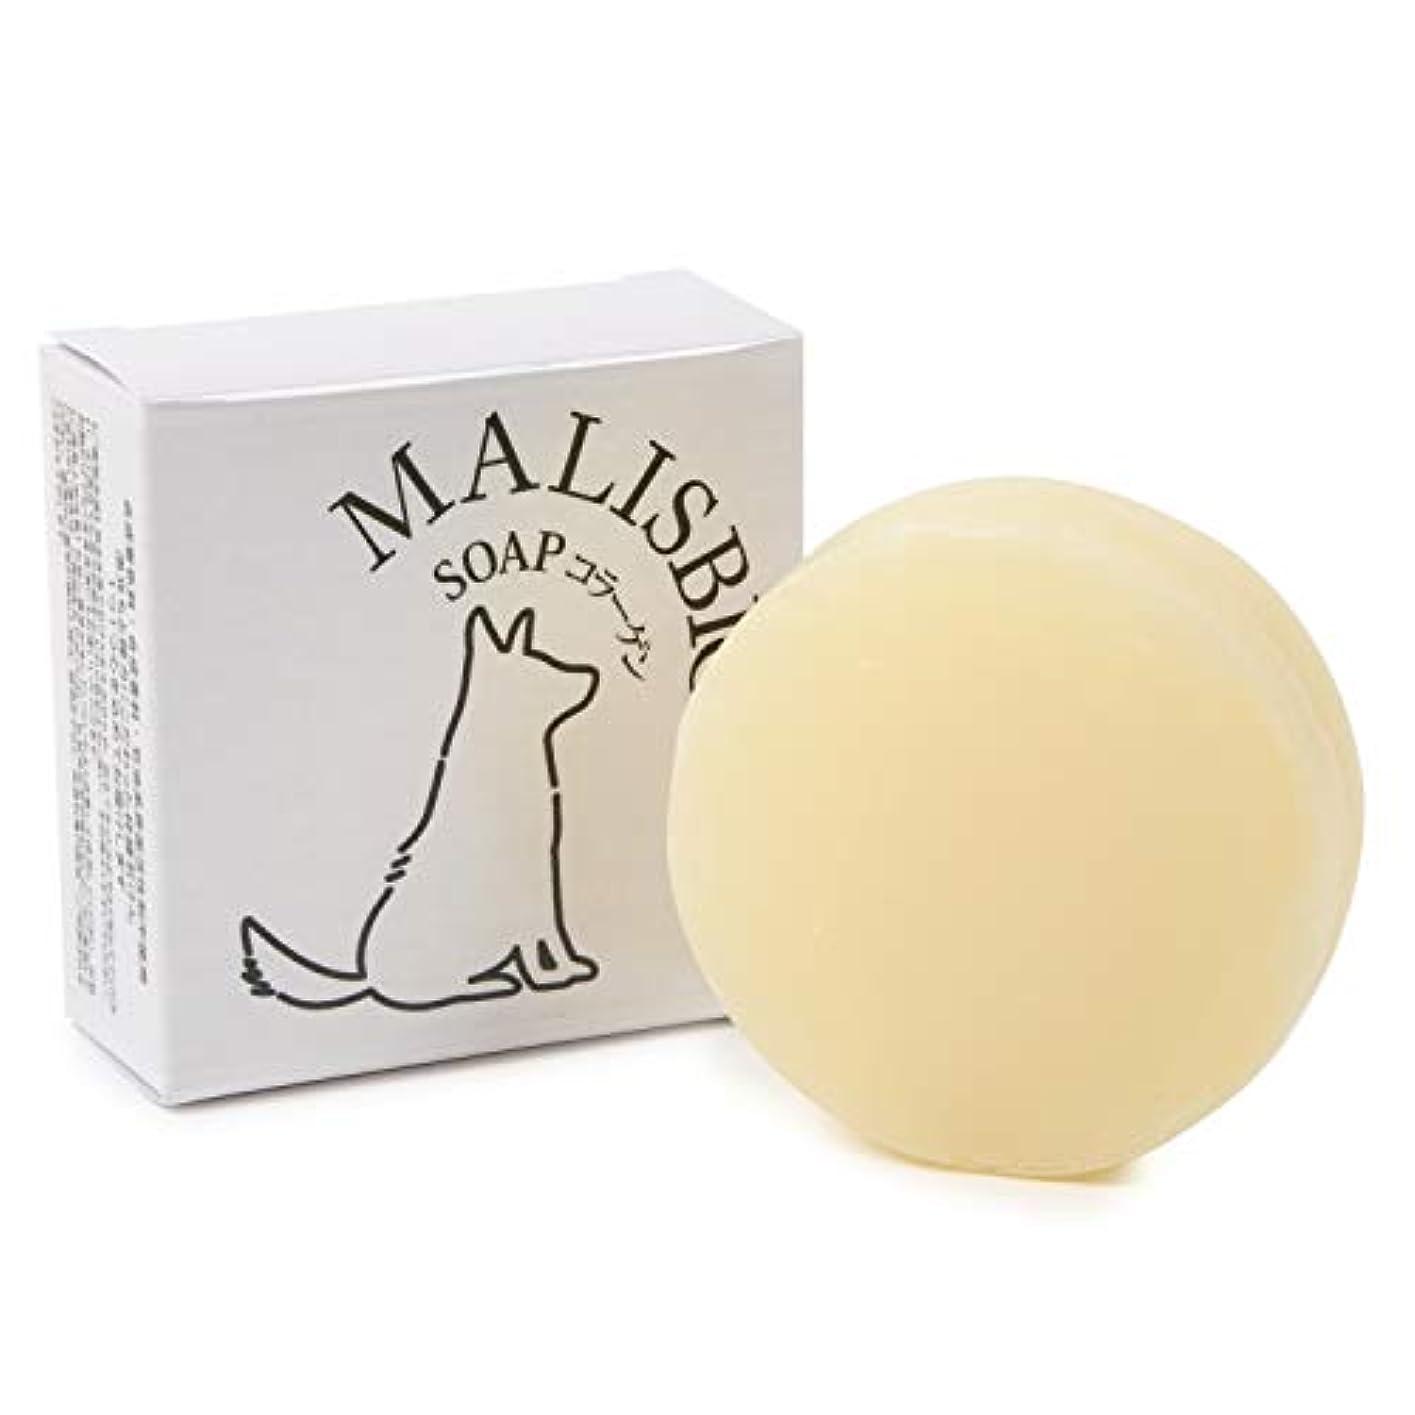 力強い無礼に現在コラーゲンソープ 洗顔石鹸 固形 無添加 お肌に優しい成分のみ 敏感肌 毛穴にも 日本製 マリスビオ